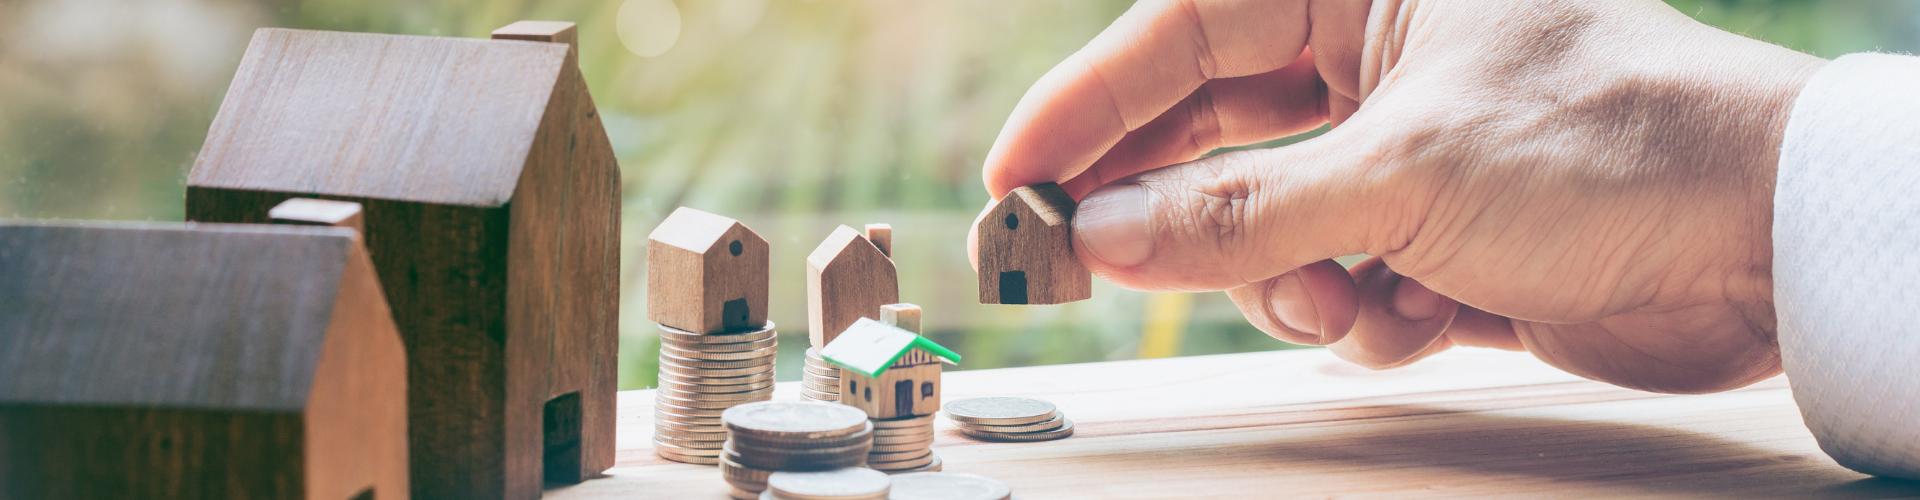 Vastgoed investeren hand met huisjes en muntstukken huisje